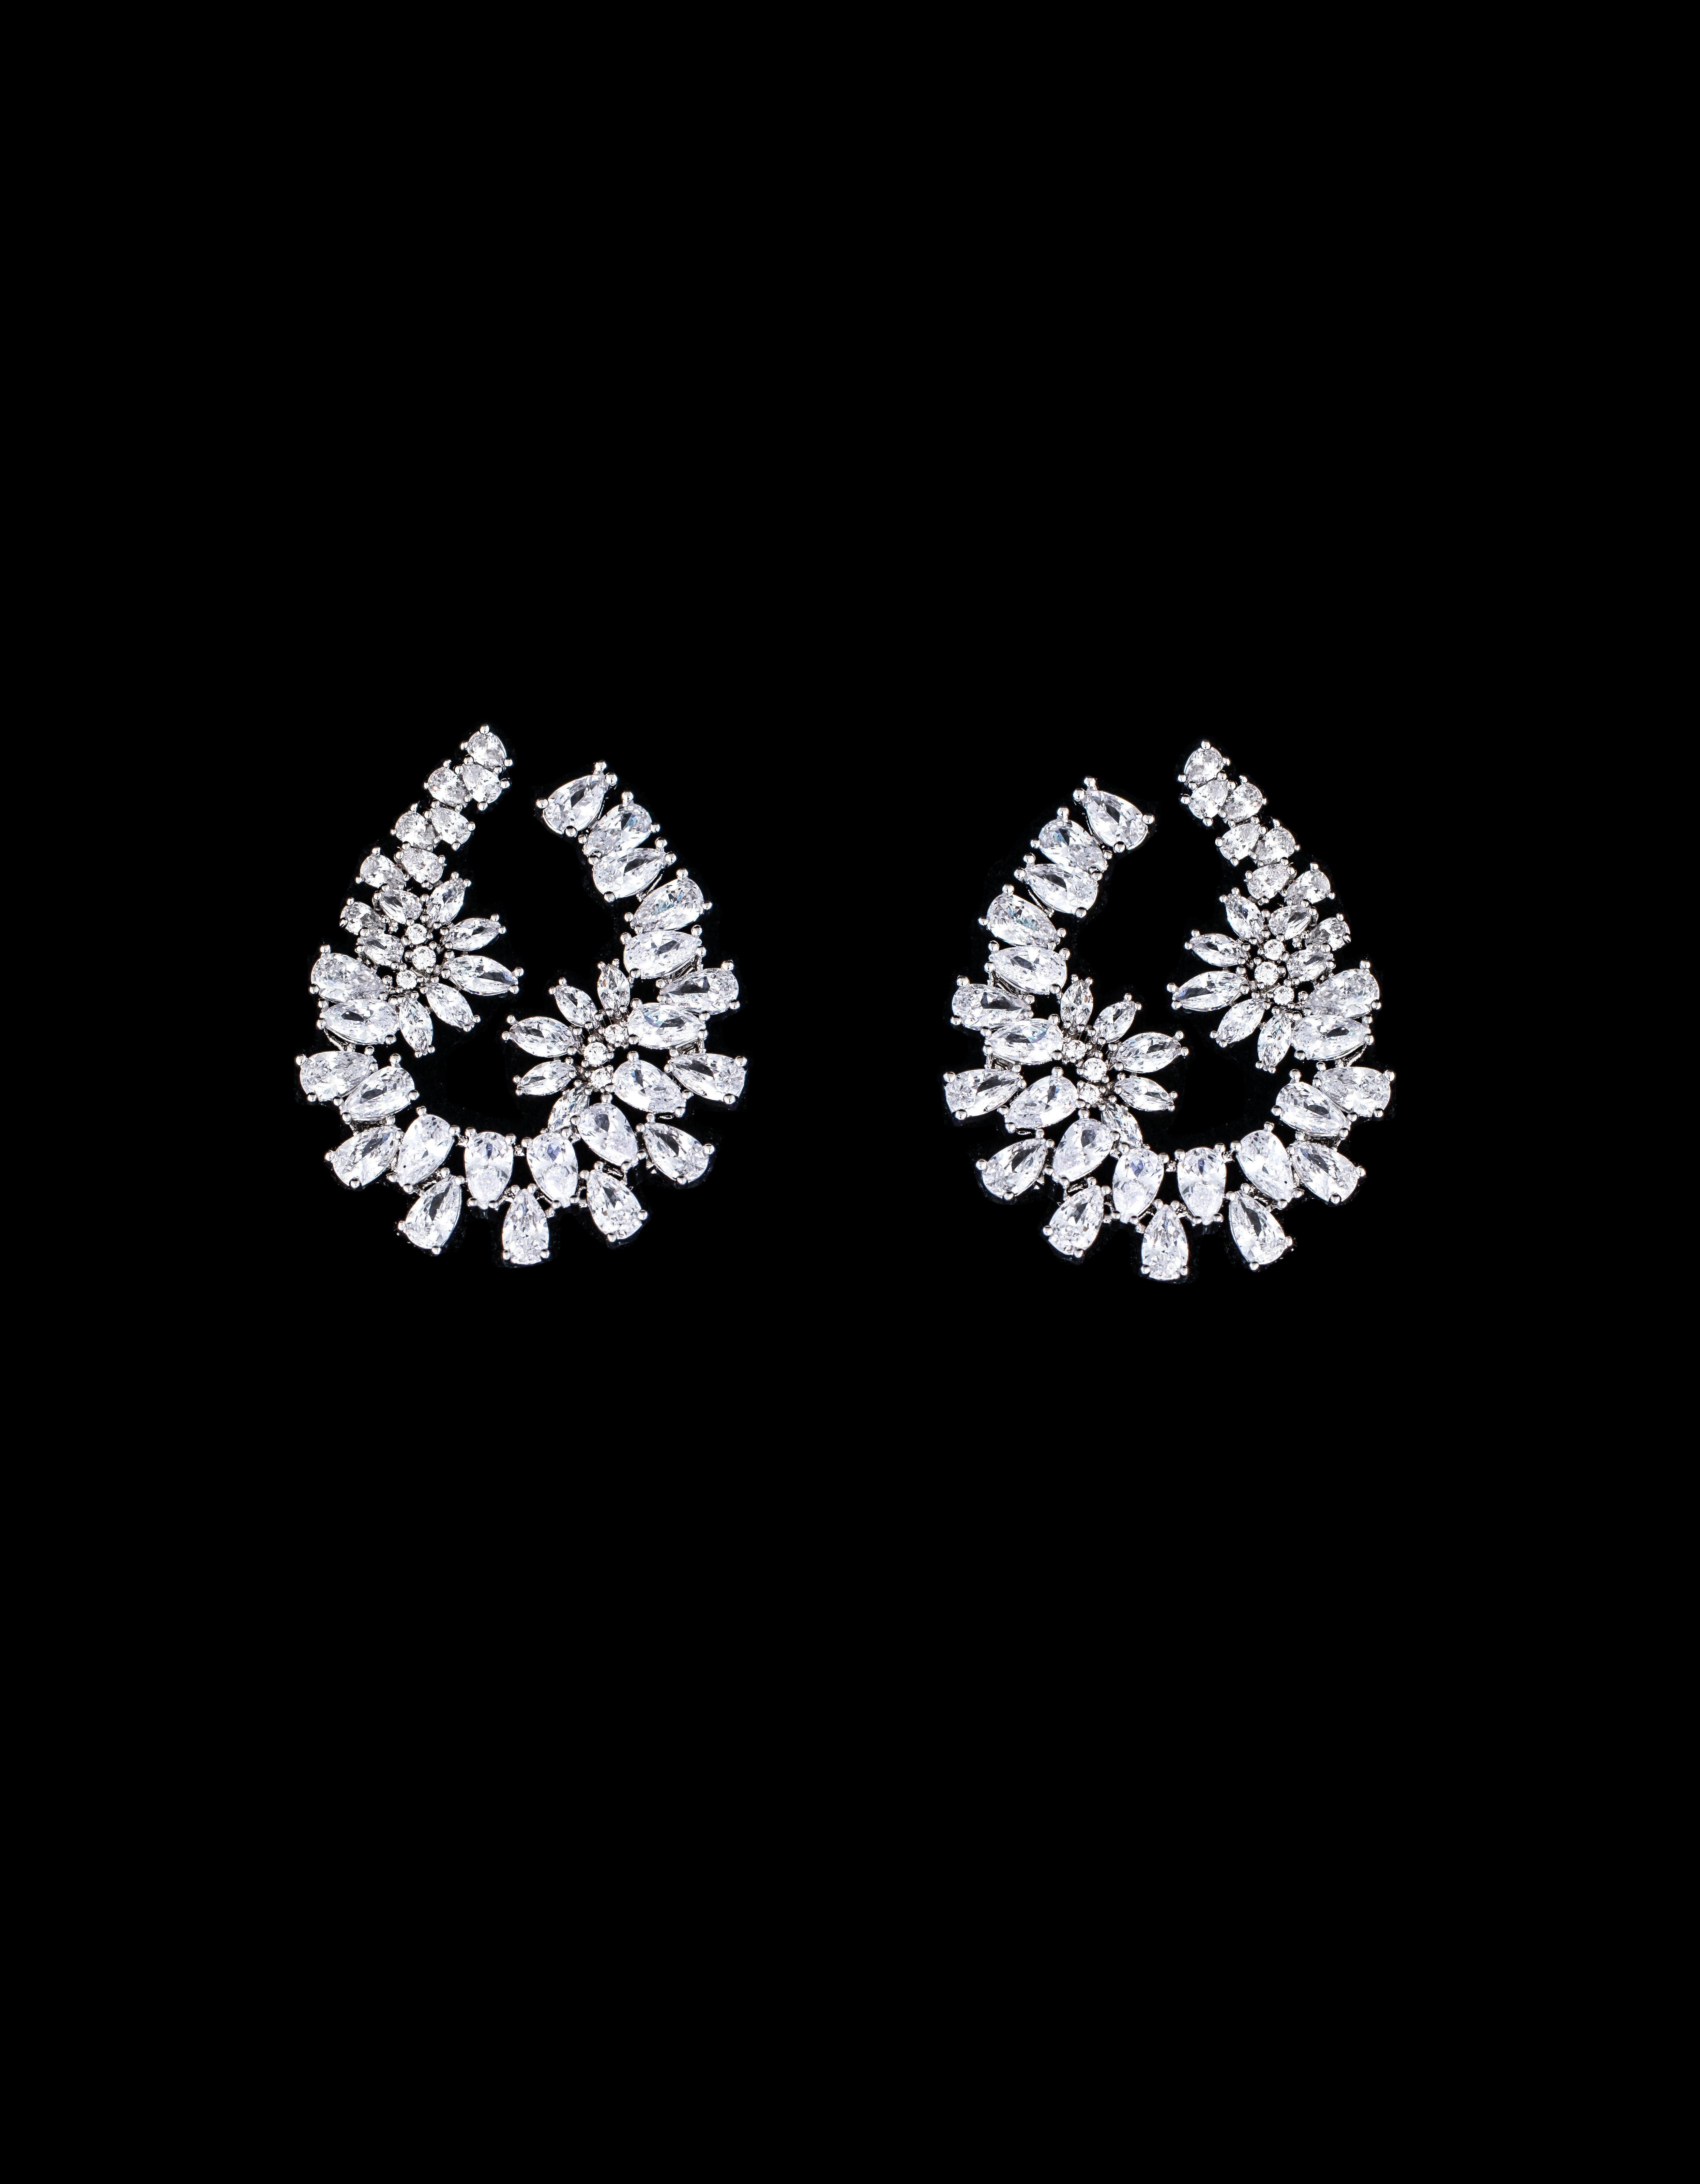 Bridal Classics Earrings CZ-894